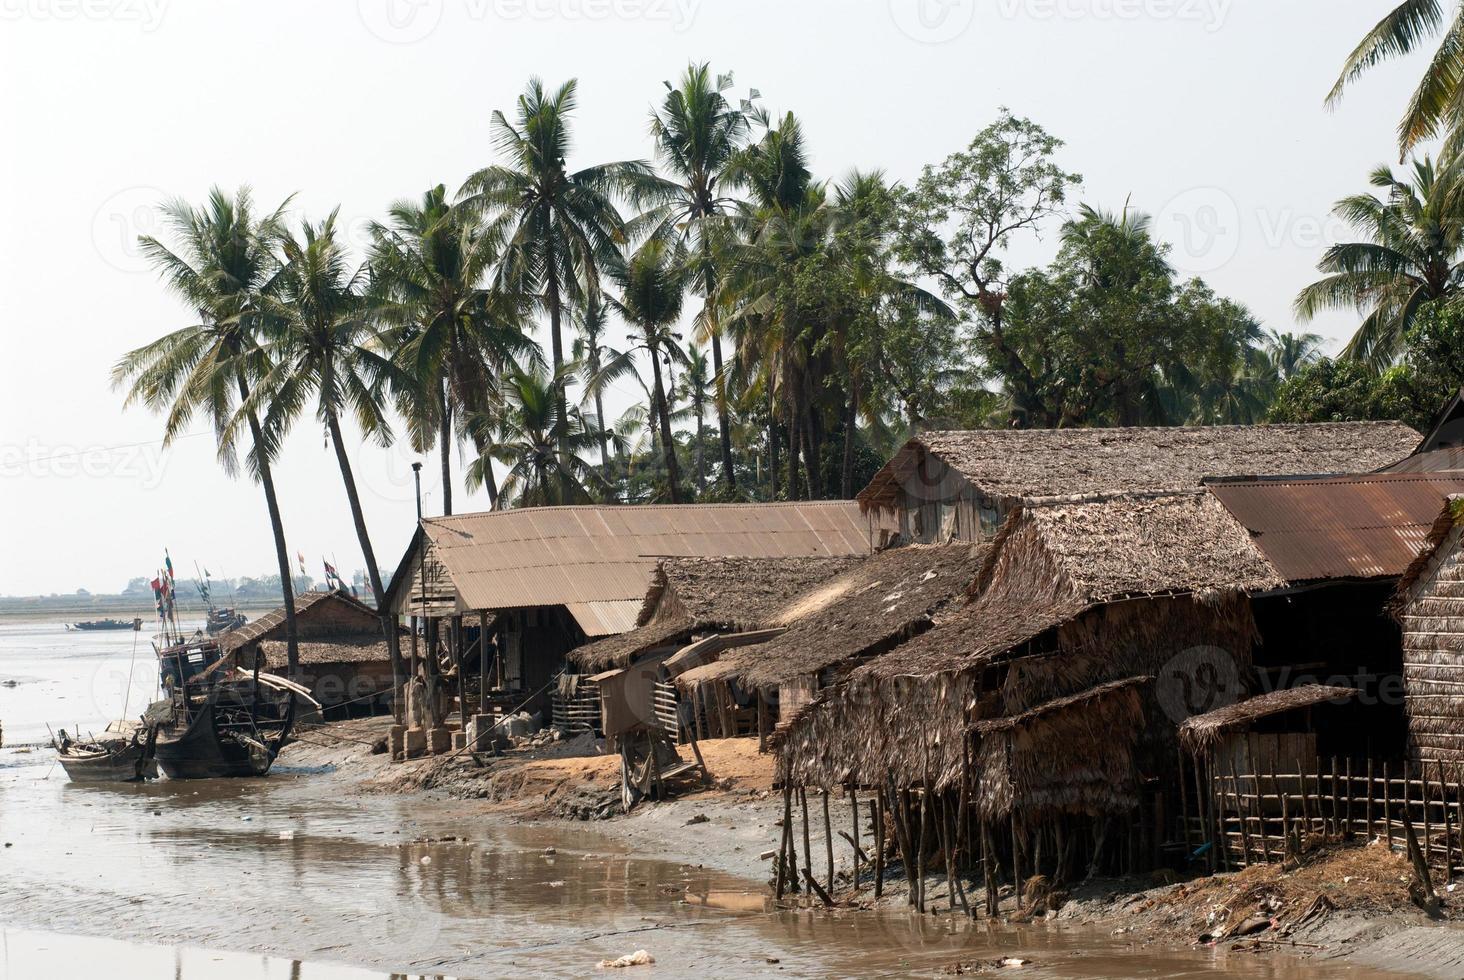 villaggio tradizionale del Myanmar sull'estuario nella città di Kyaikto, Myanmar. foto